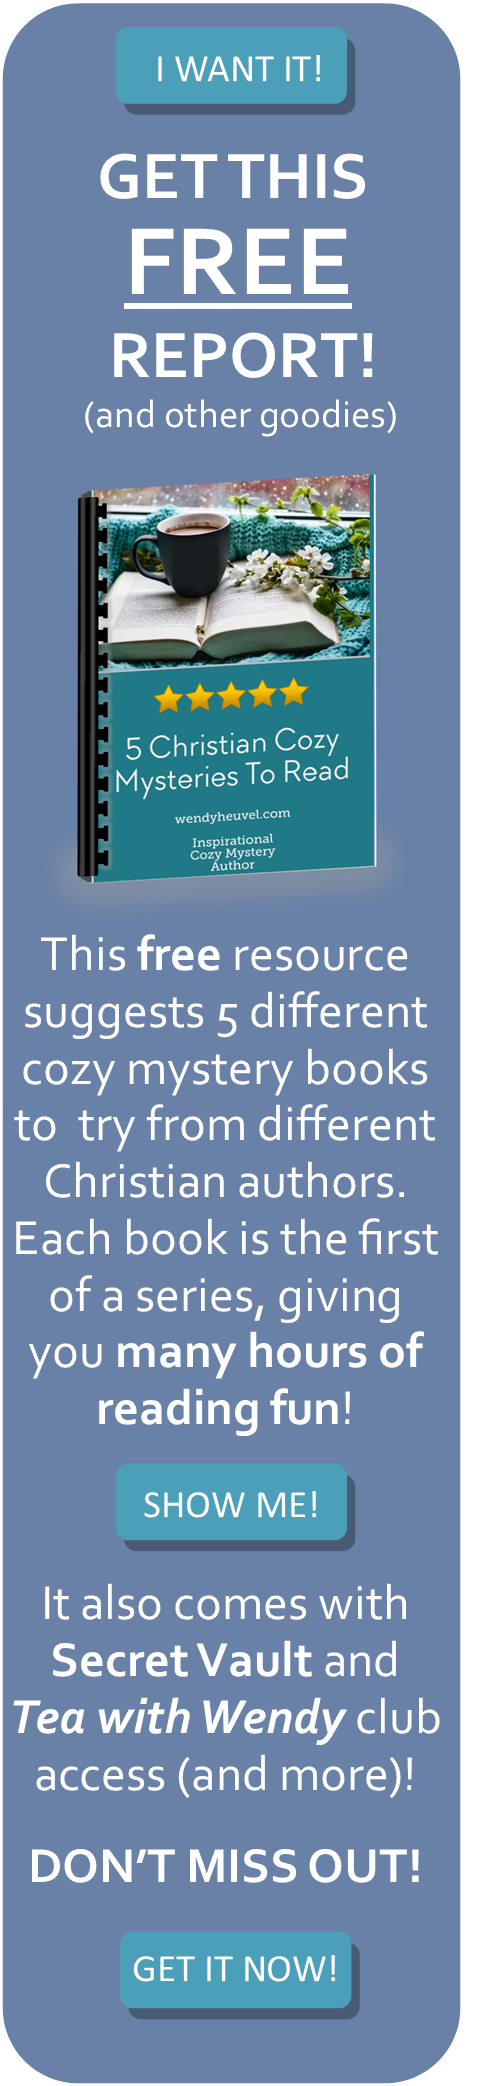 Christian Cozy Mystery | Christian Mystery Authors